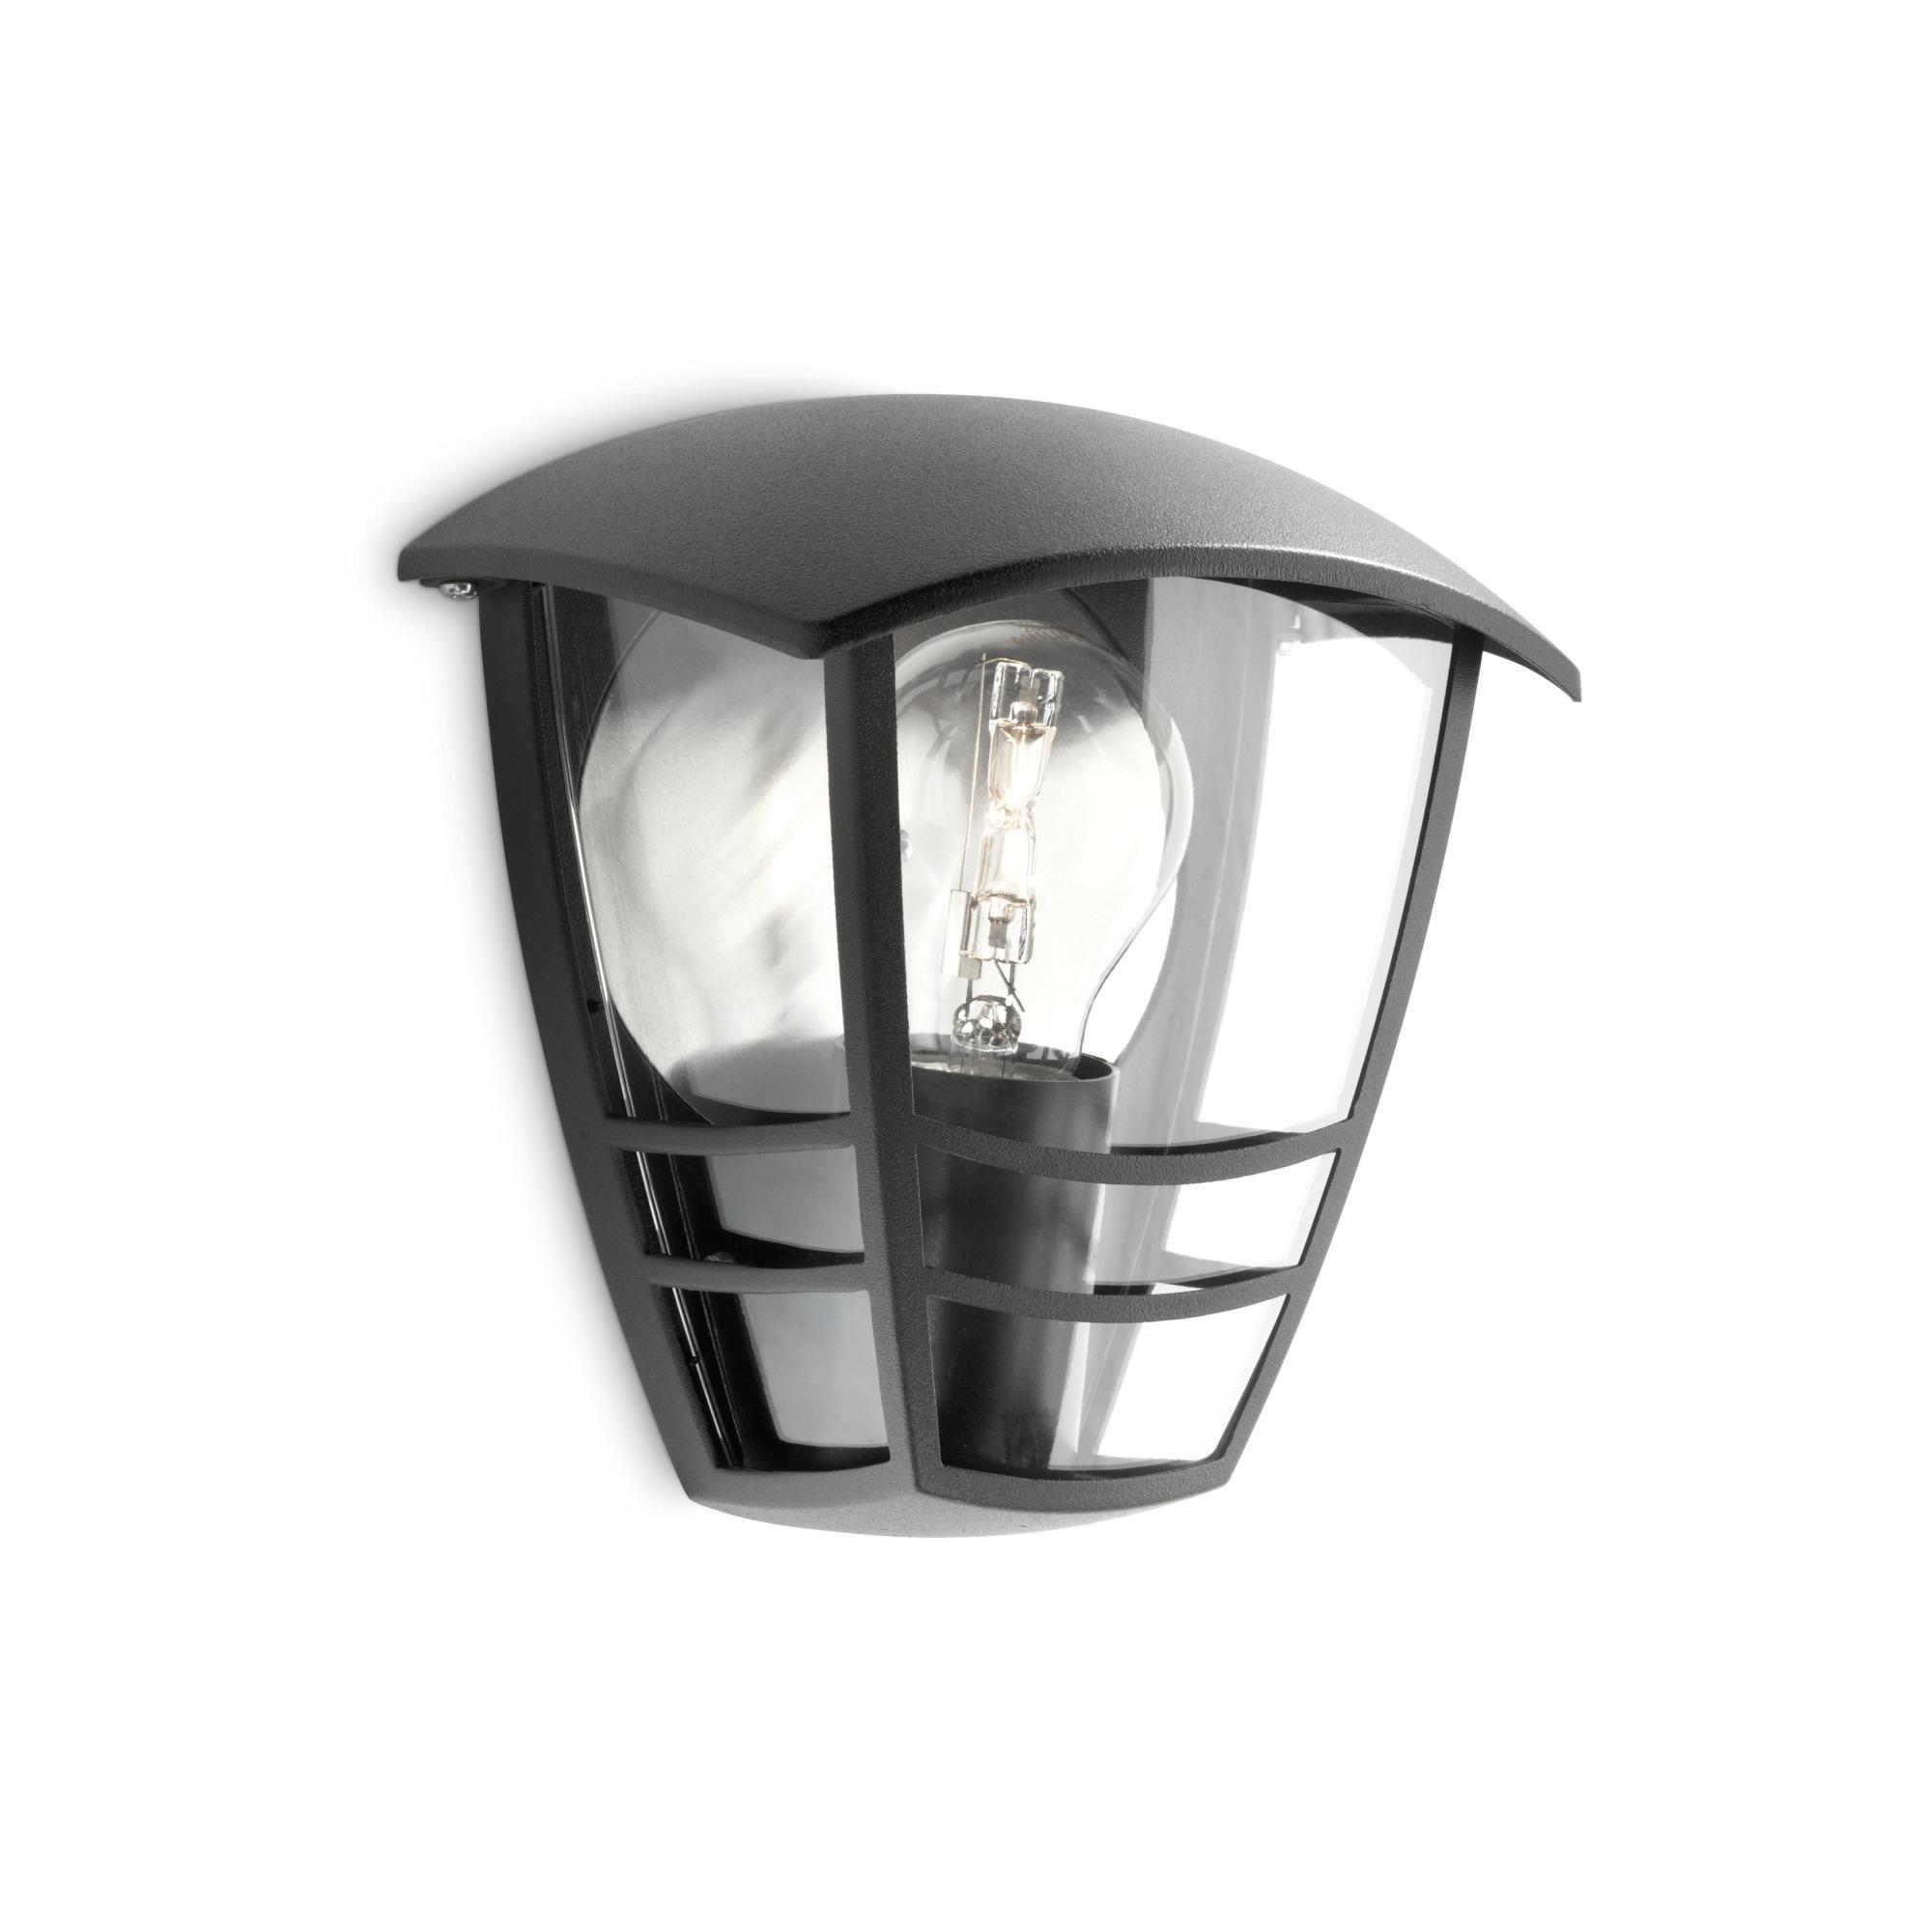 Philips mygarden creek wandlamp 230 v 60 w e27 zwart